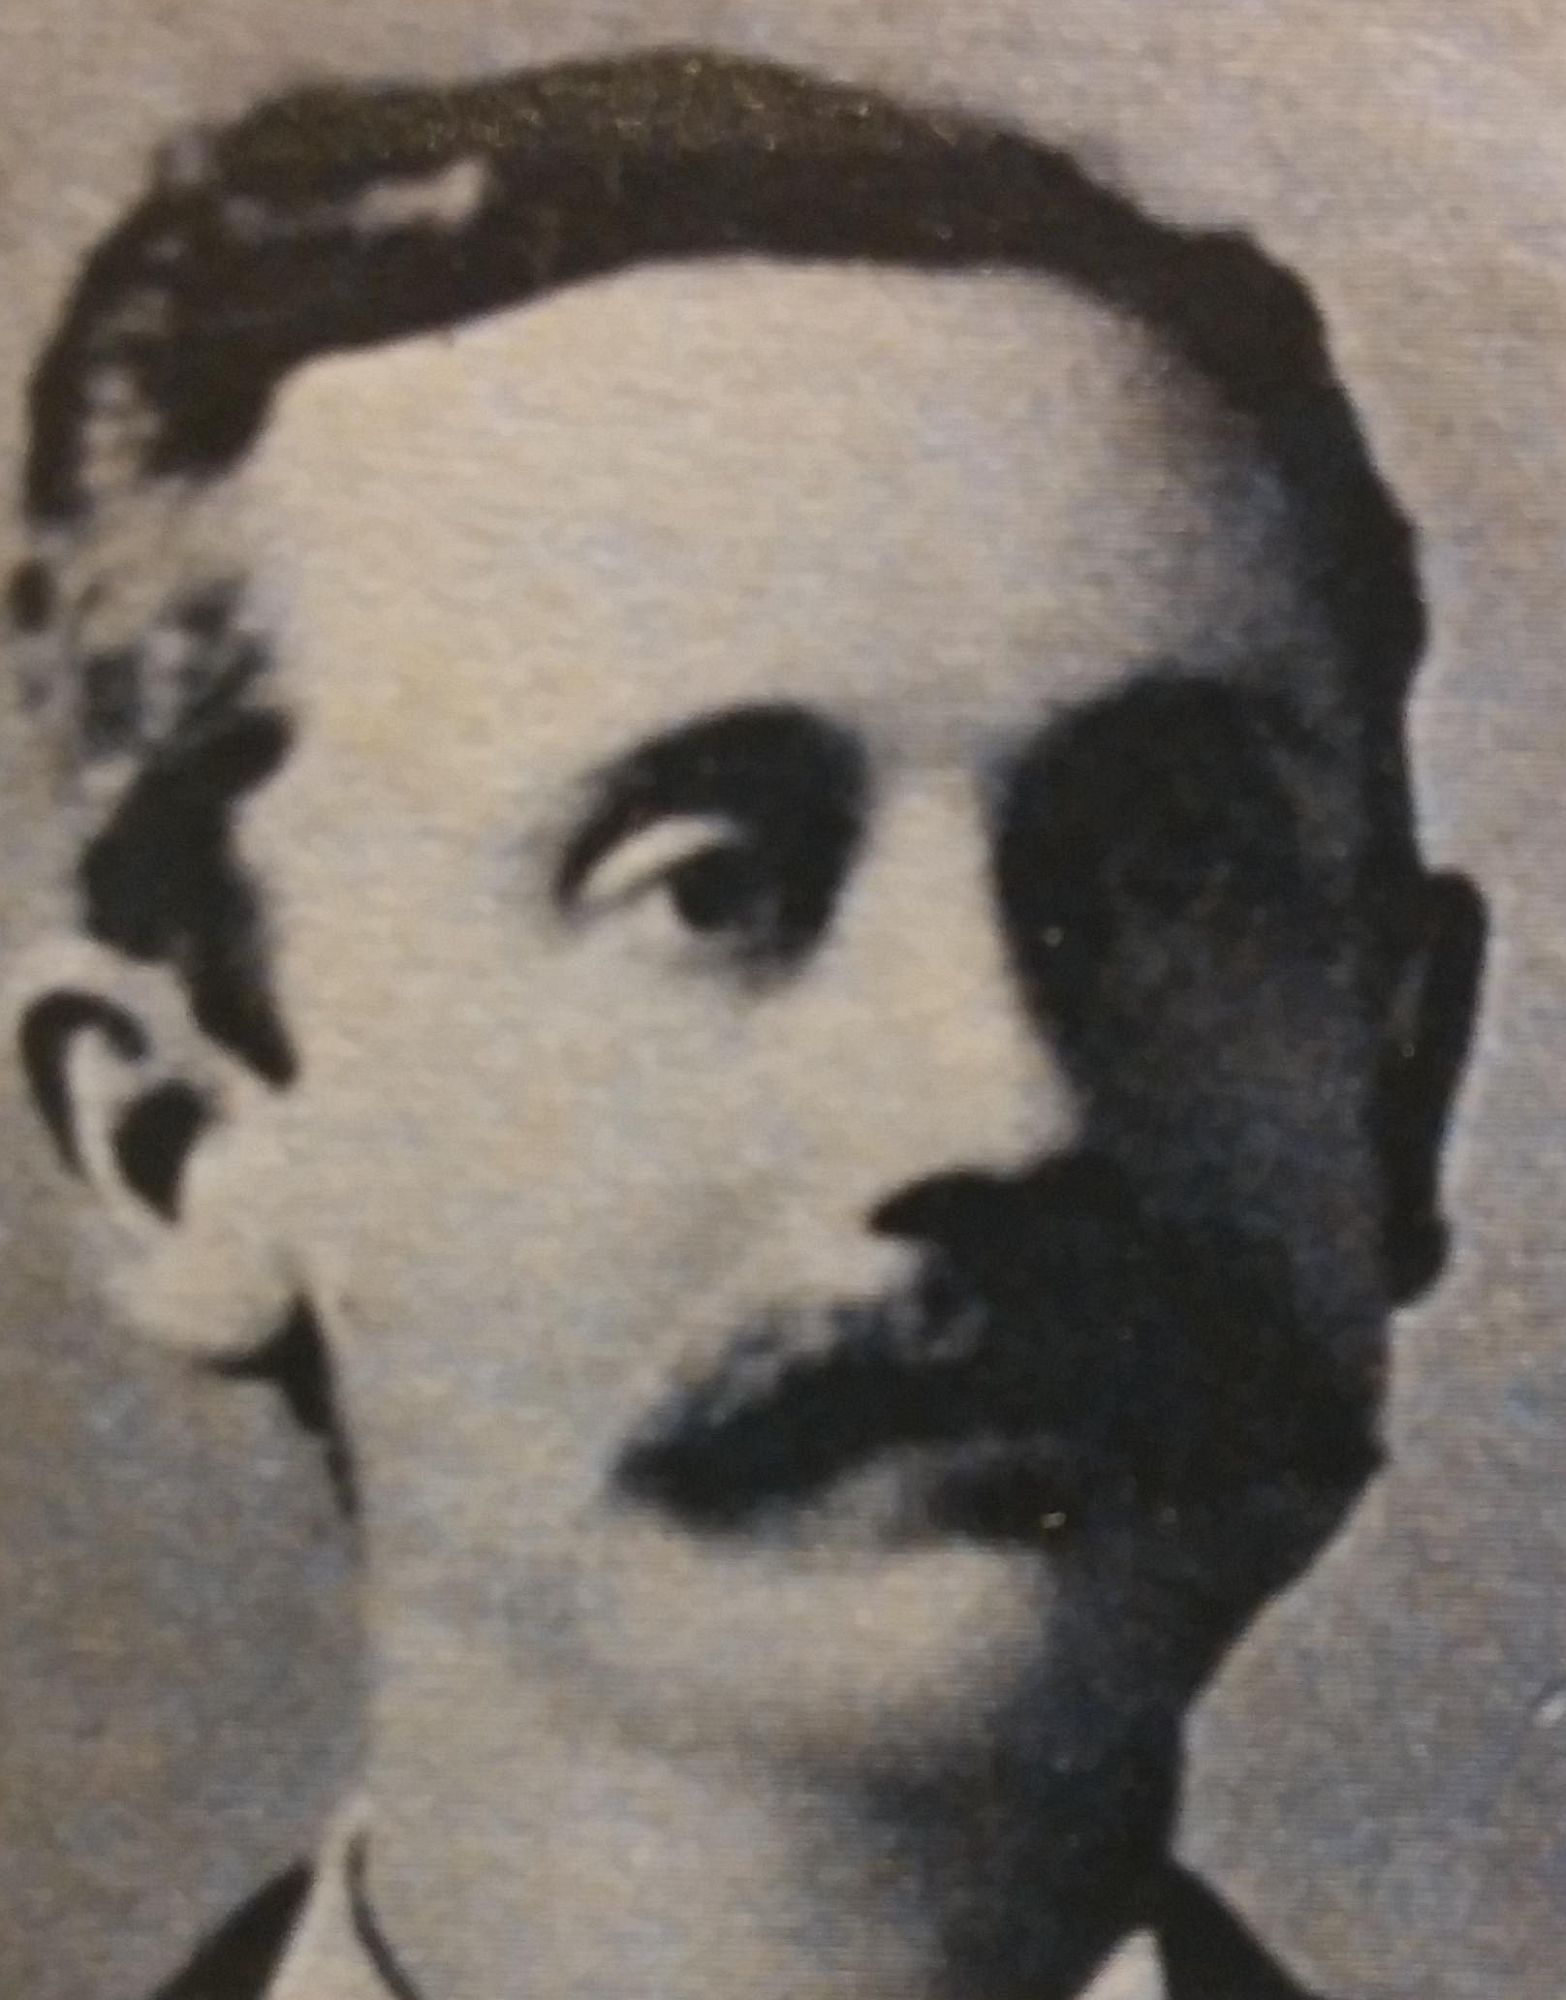 Clive, William Claude